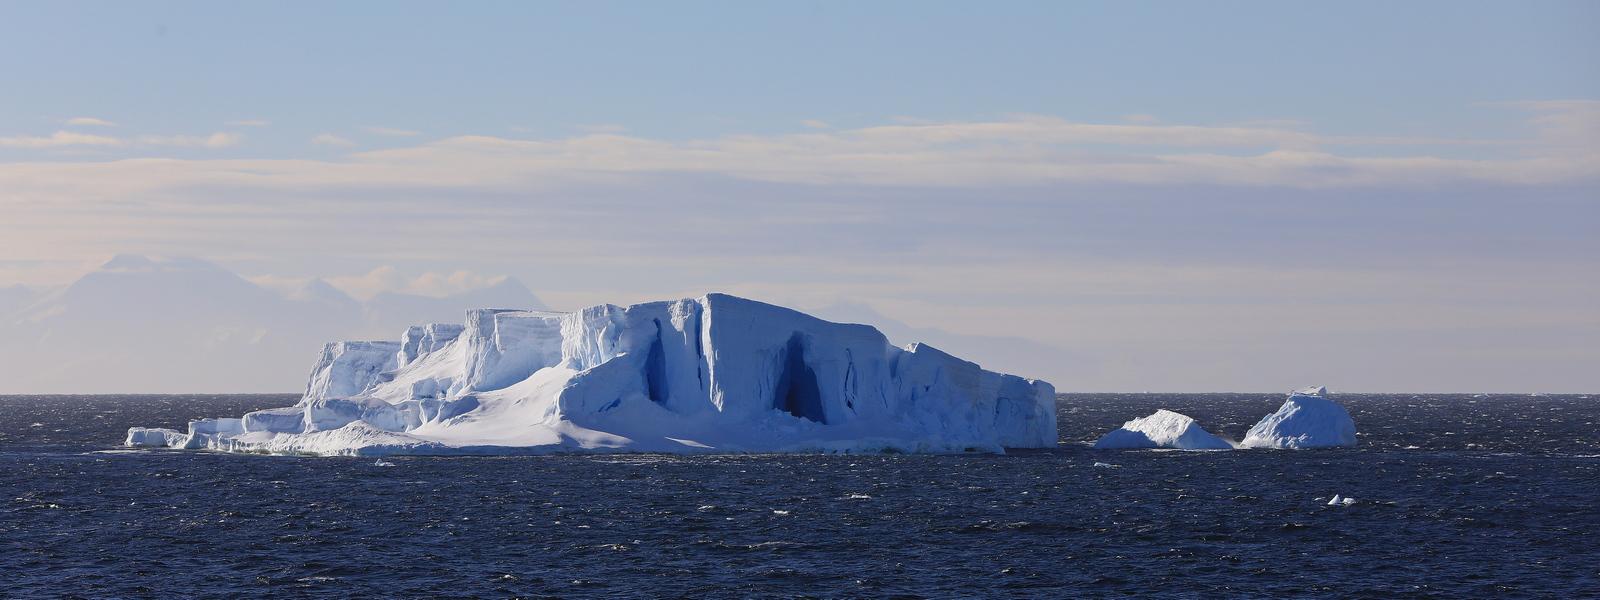 1702_Antarctique_02618_c_sm.jpg